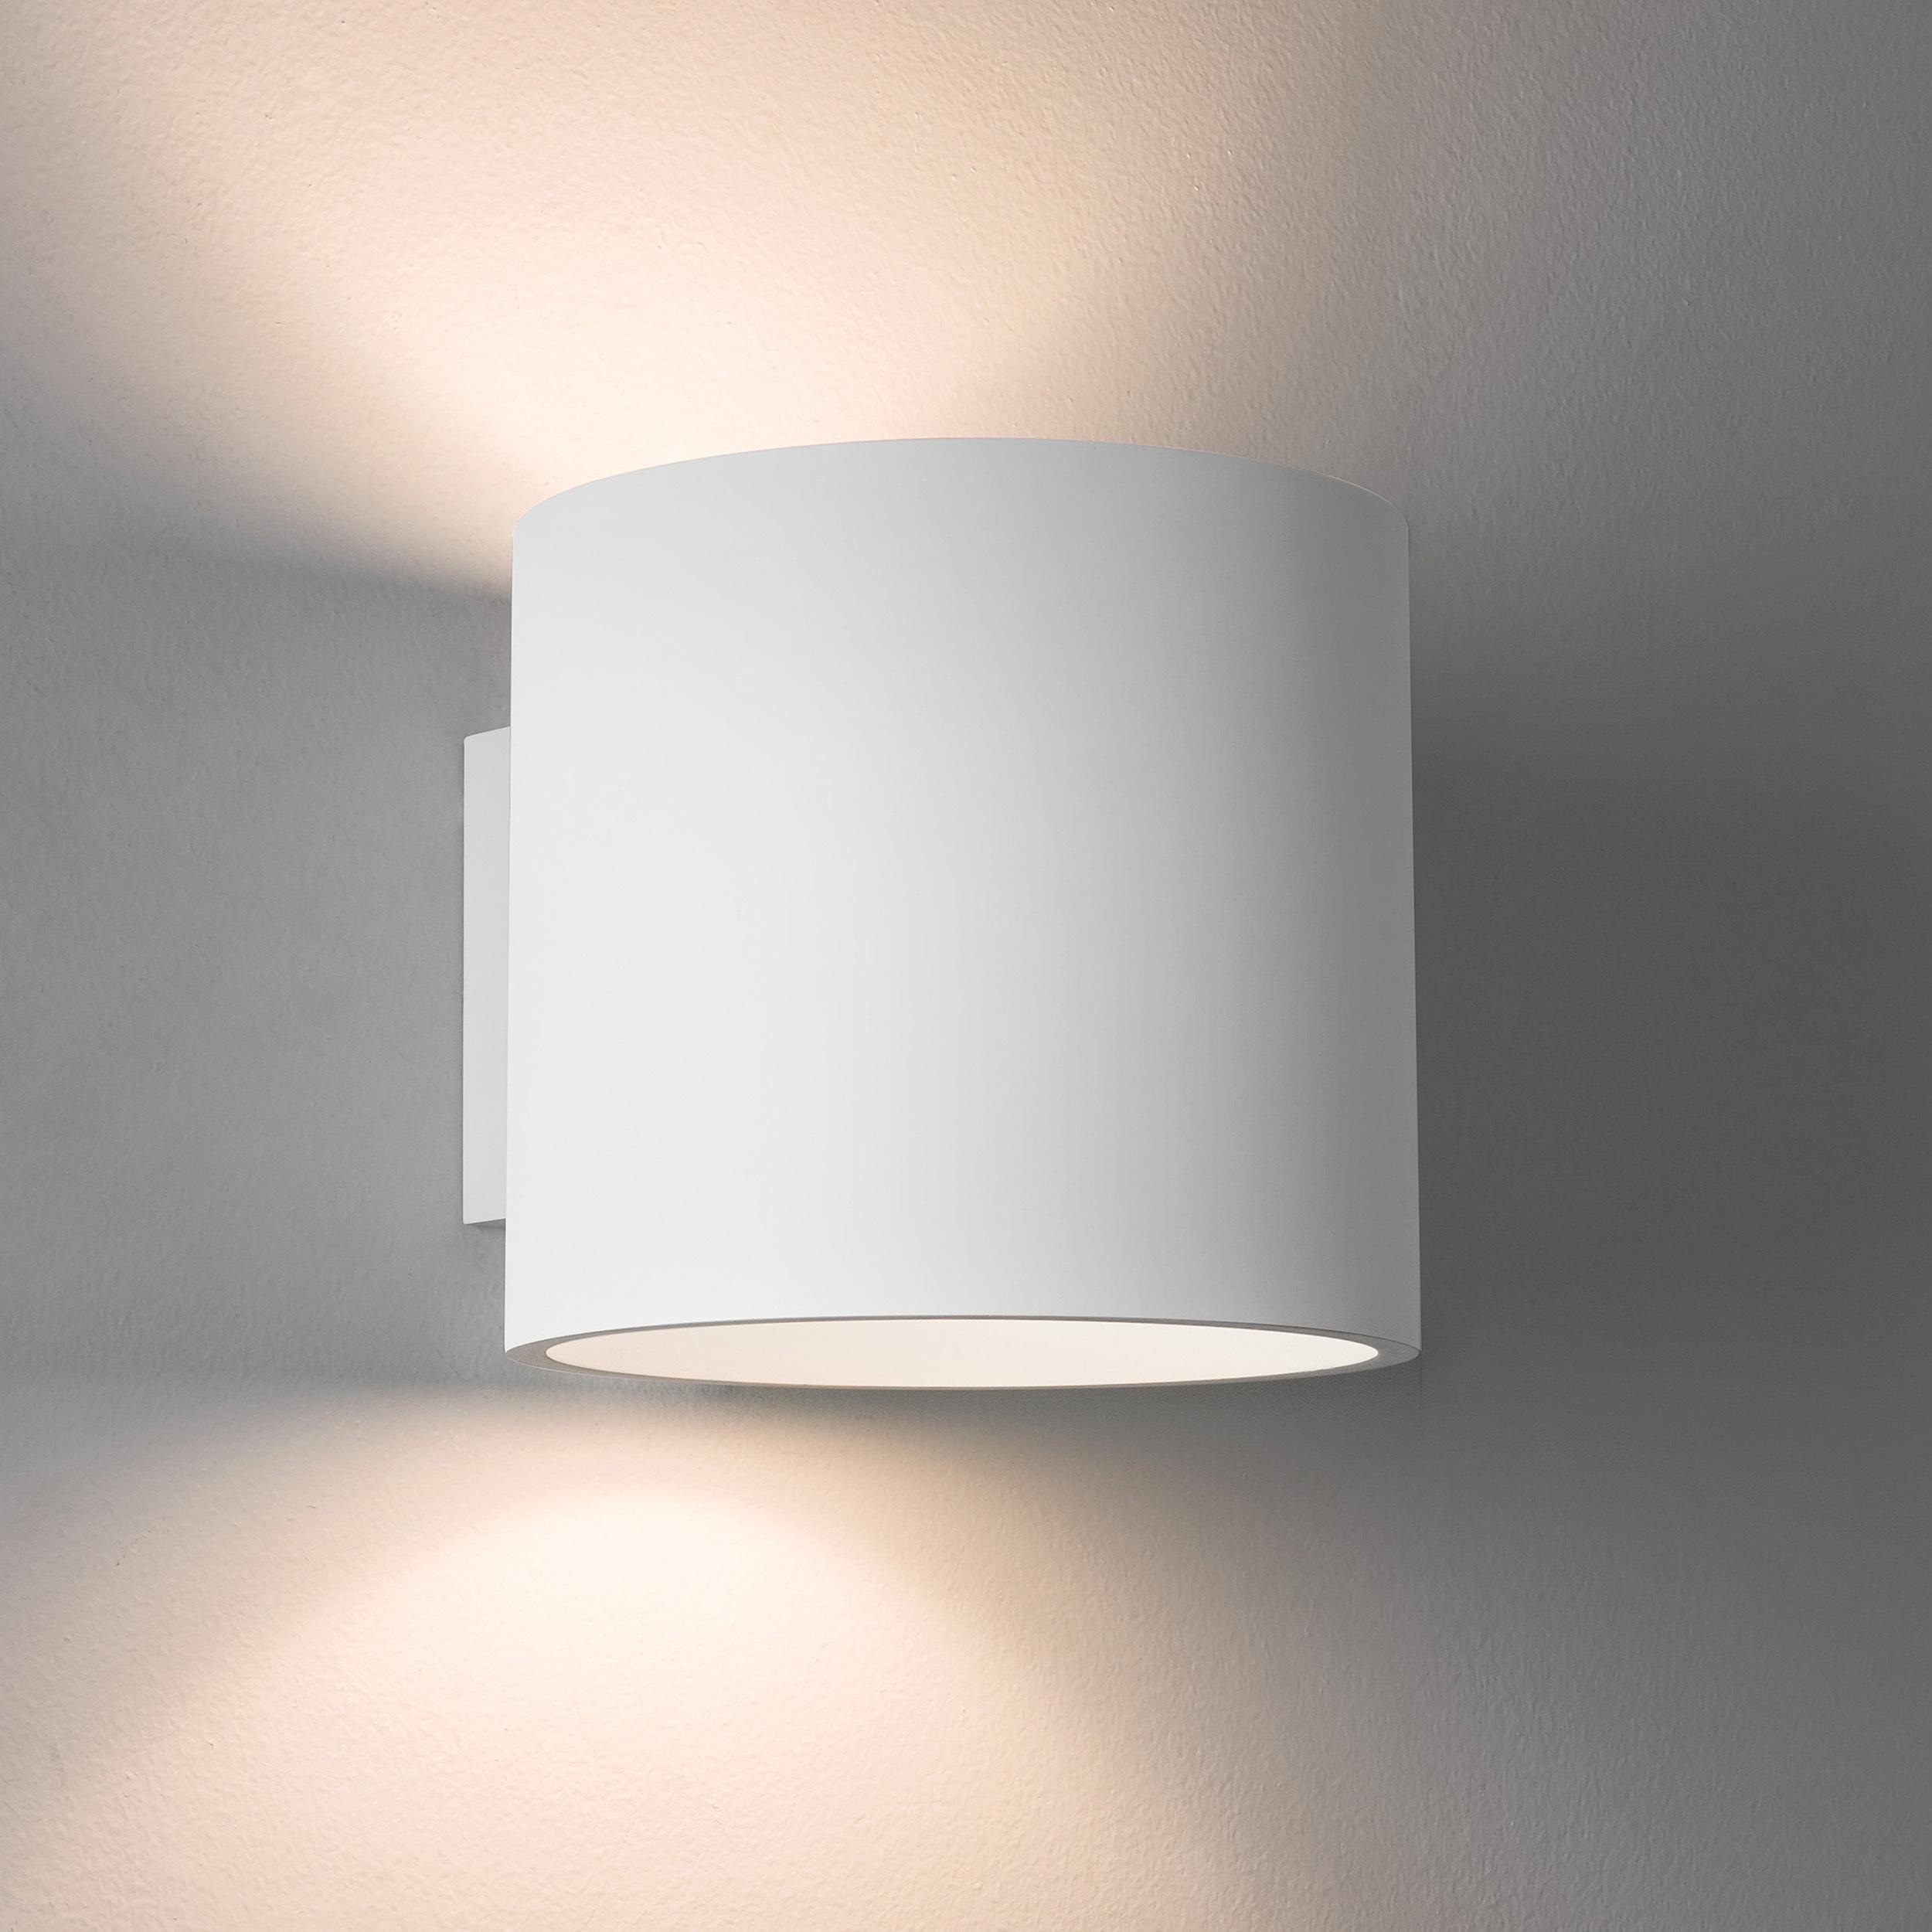 Настенный светильник Astro Brenta 1195003 (7261), 1xE27x60W, белый, под покраску, металл, гипс - фото 1